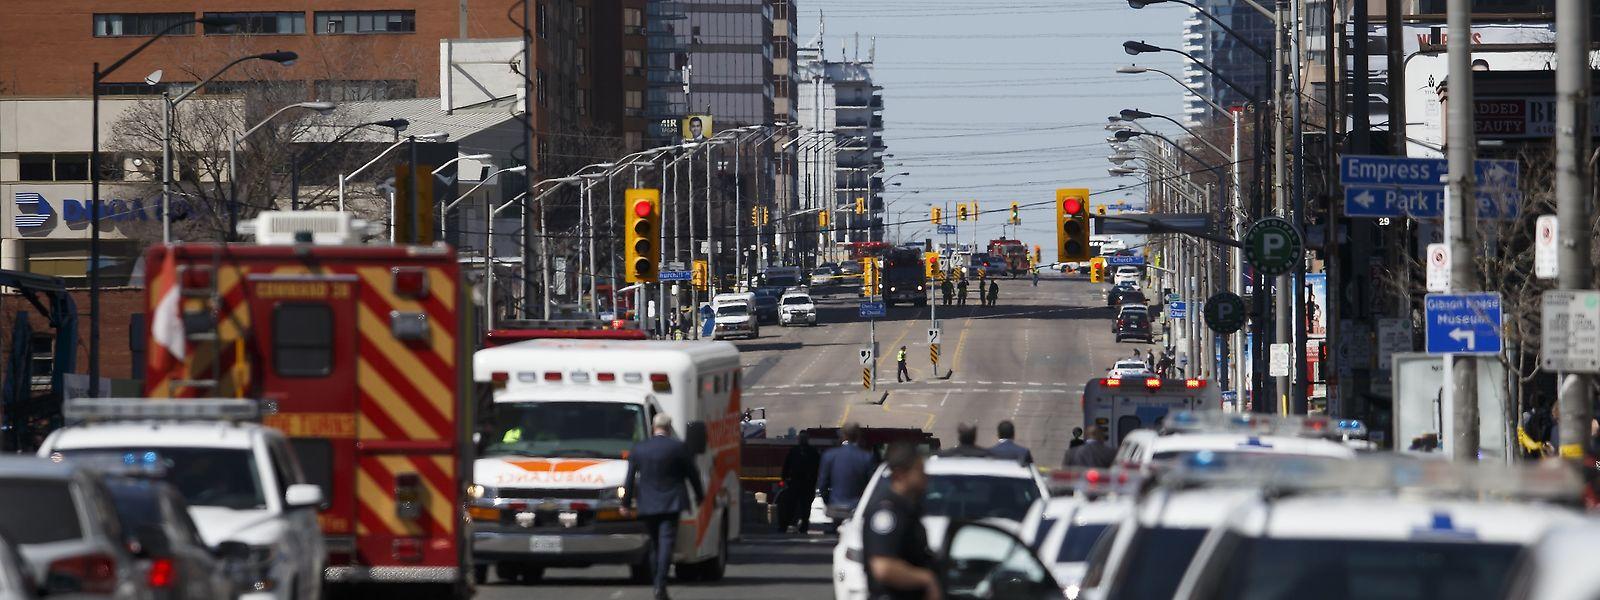 Neun Menschen starben und 16 wurden verletzt. Warum der Fahrer des Lieferwagens in die Menschenmenge fuhr, ist unklar. Er soll bewaffnet gewesen sein.